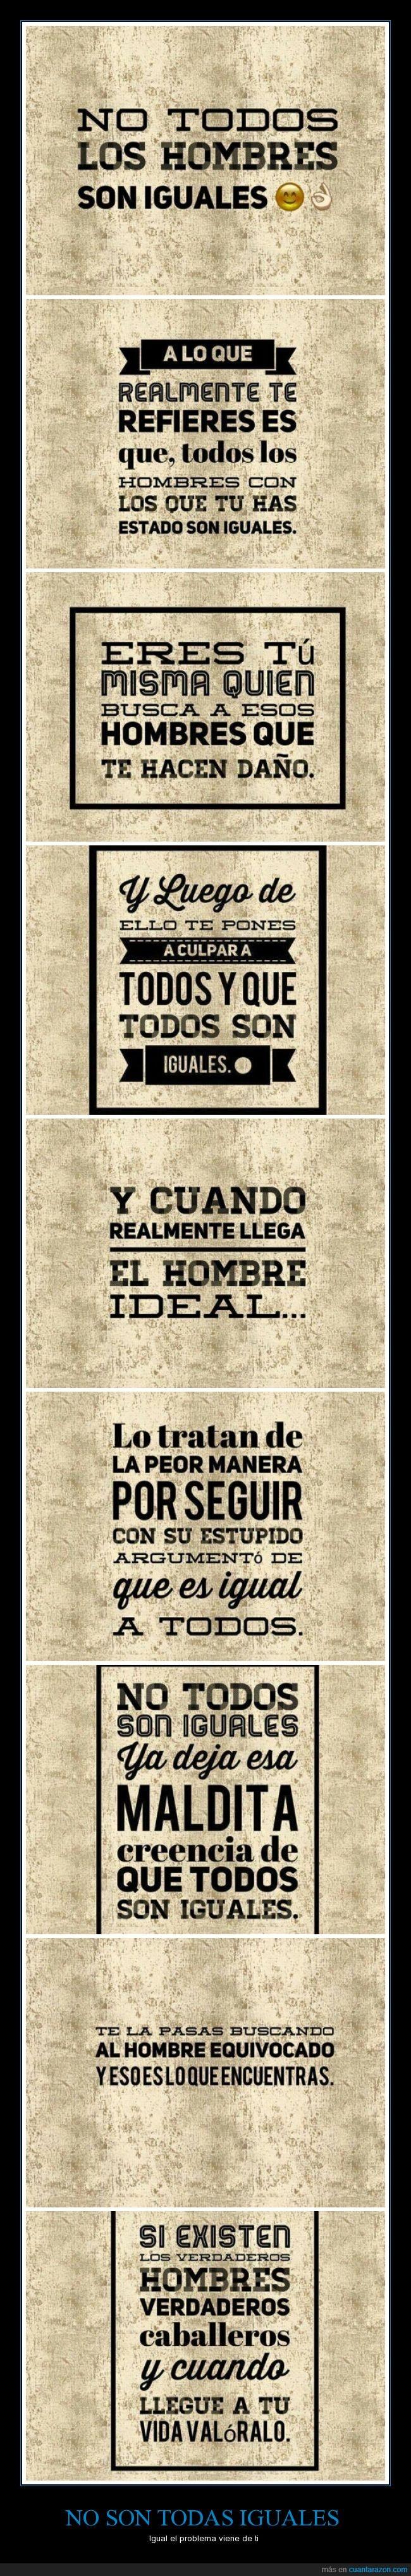 carteles,estereotipos,hombres,iguales,Mensajes,mentiras,mujeres,reflexión,todos